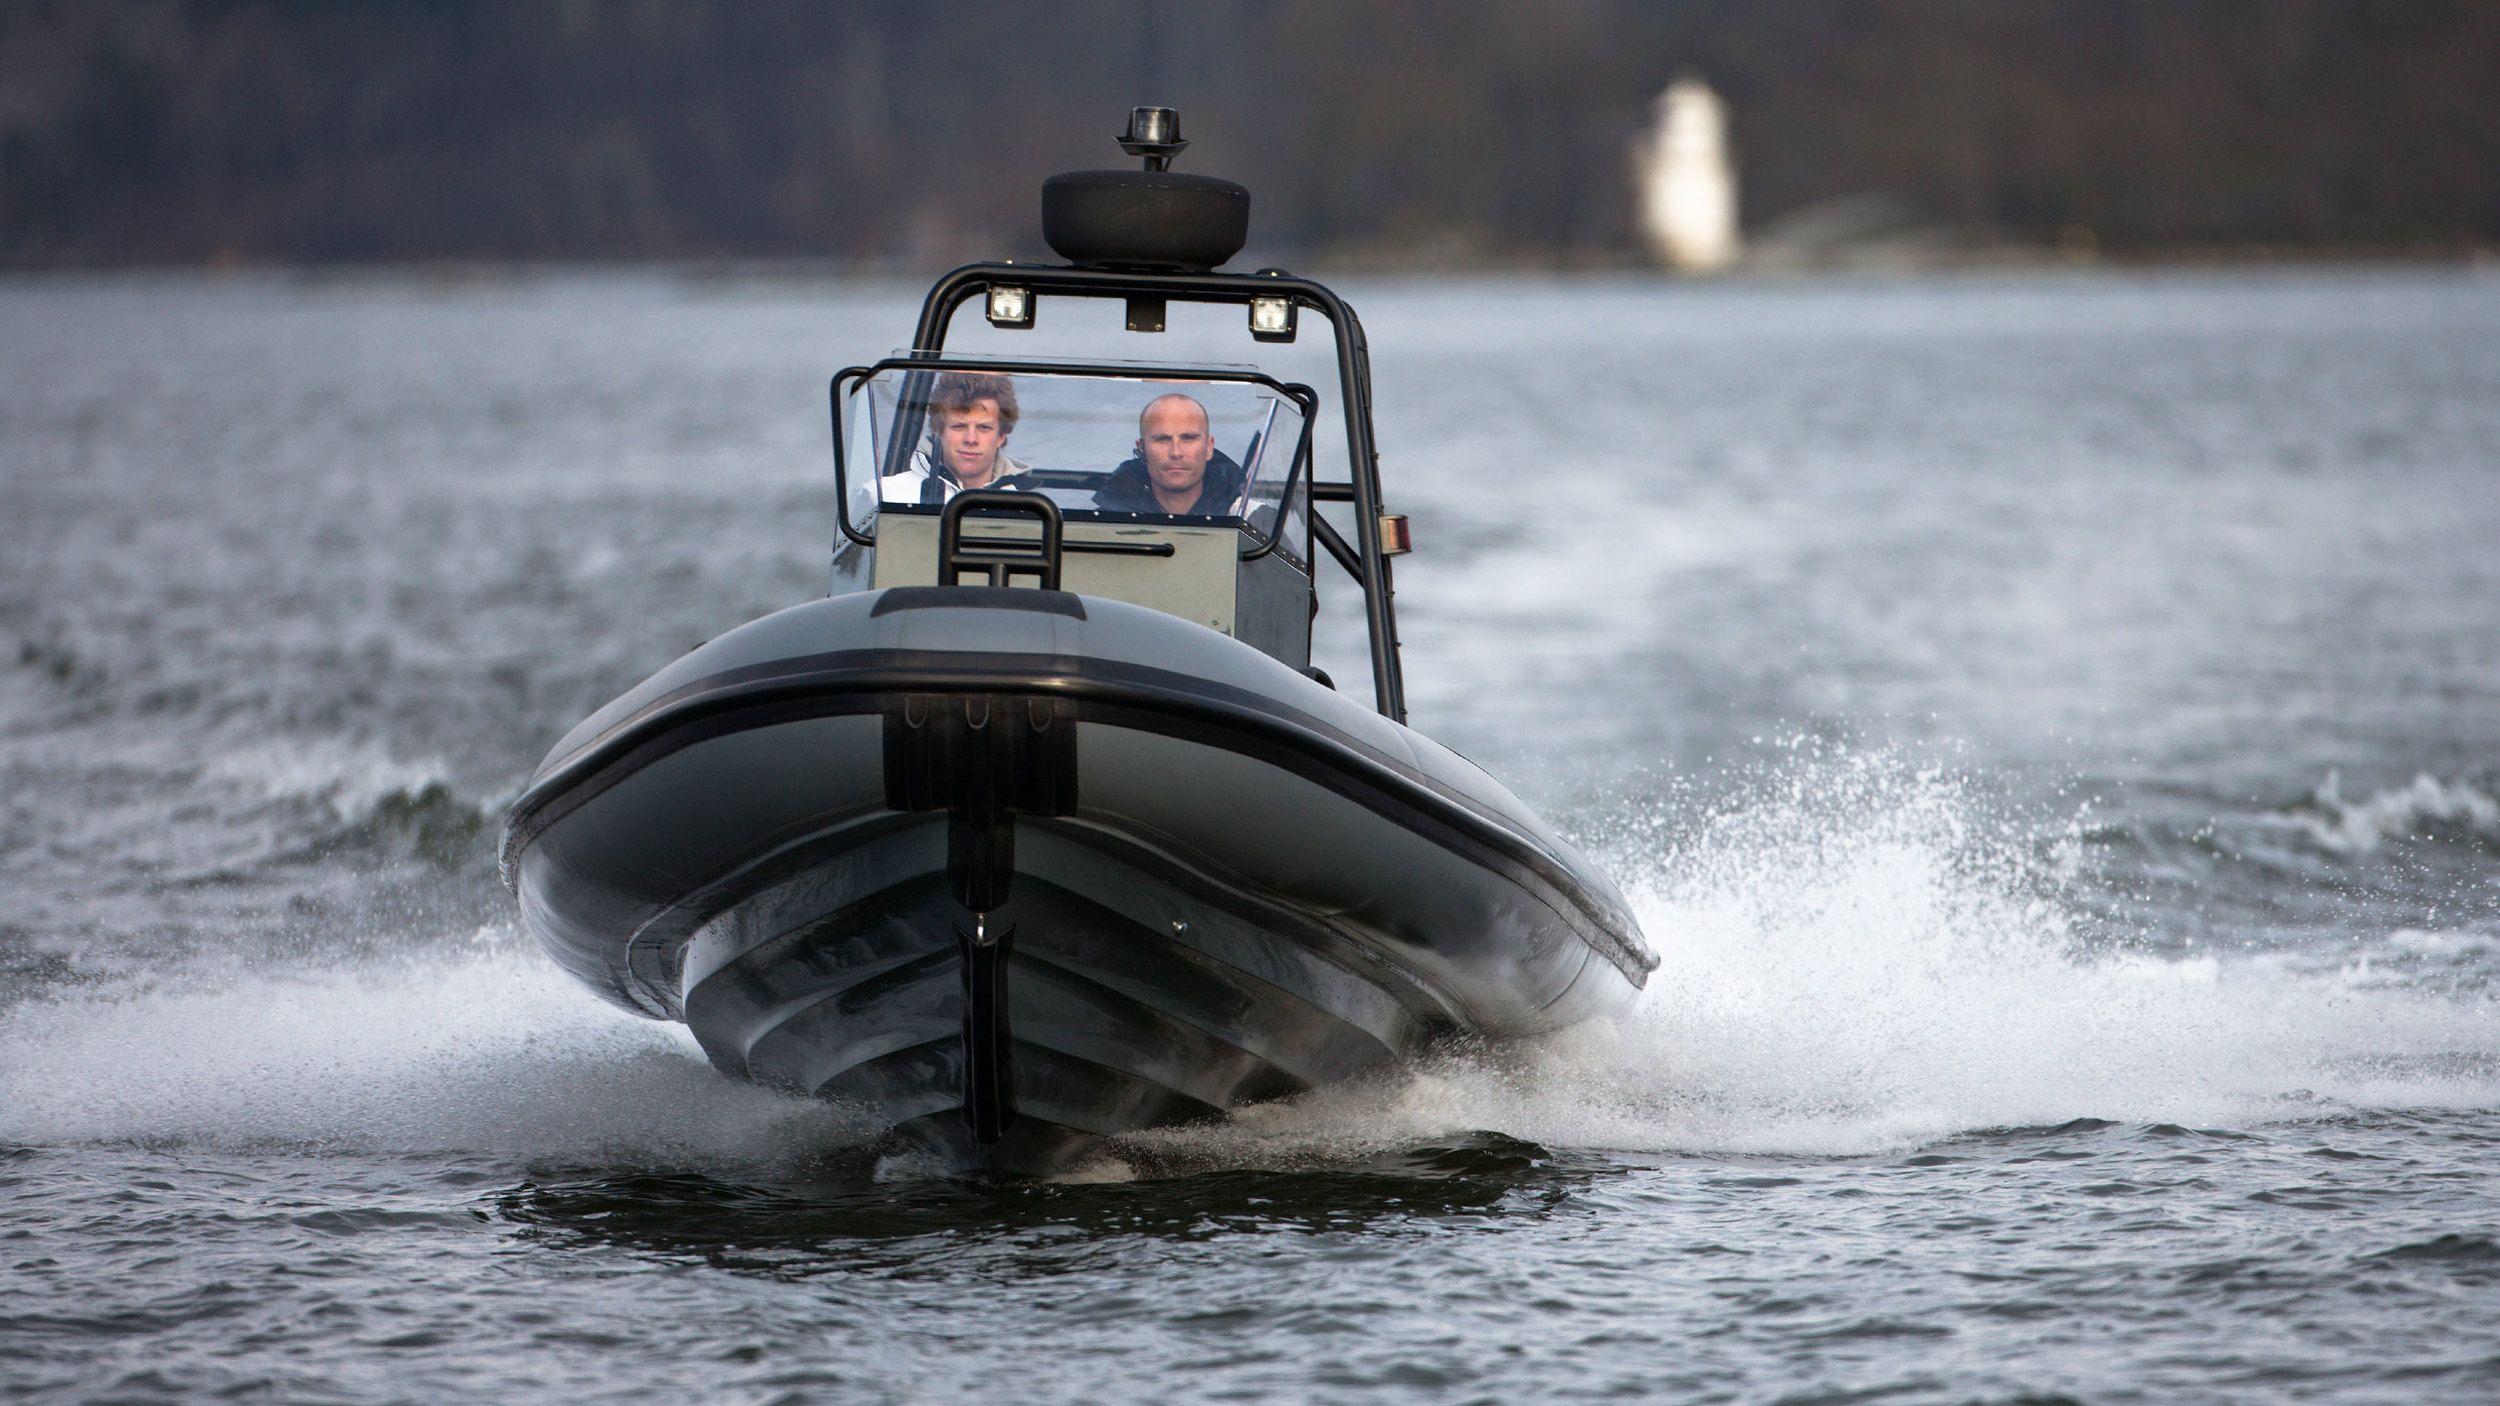 R26OBbanner.jpg Rib boat, Marine, Outboard